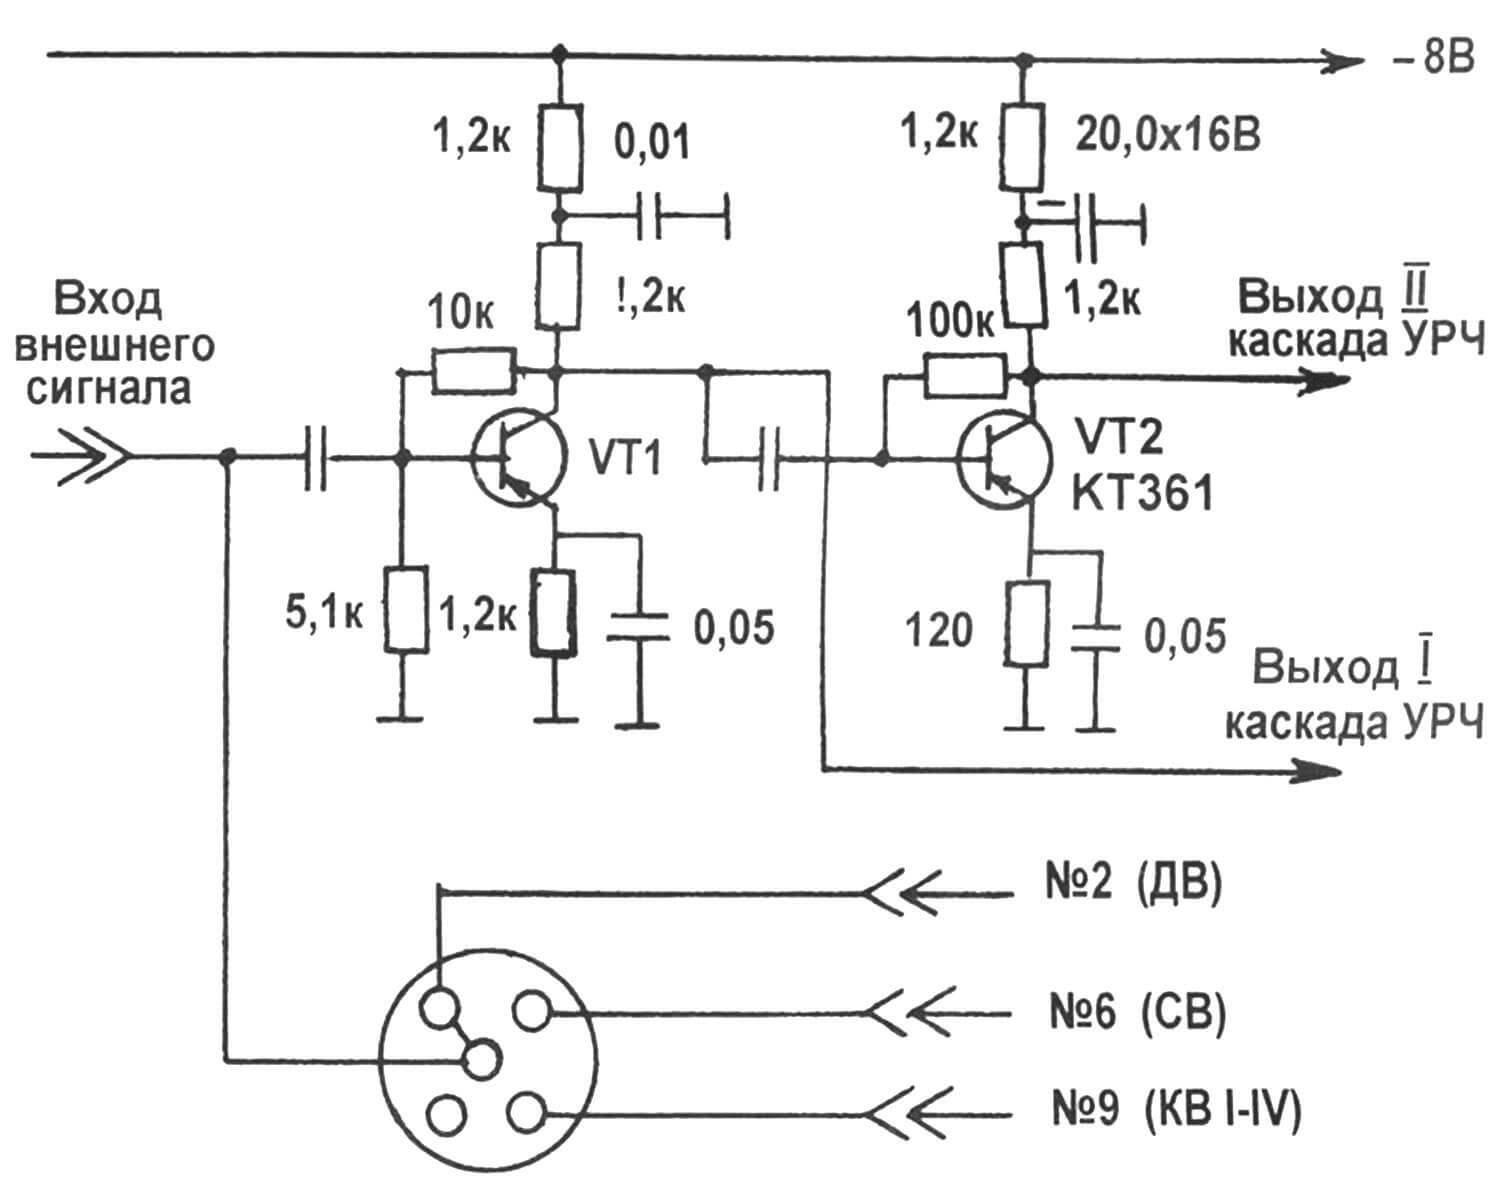 Рис. 4. Схема УРЧ с коммутацией ламелей на входе